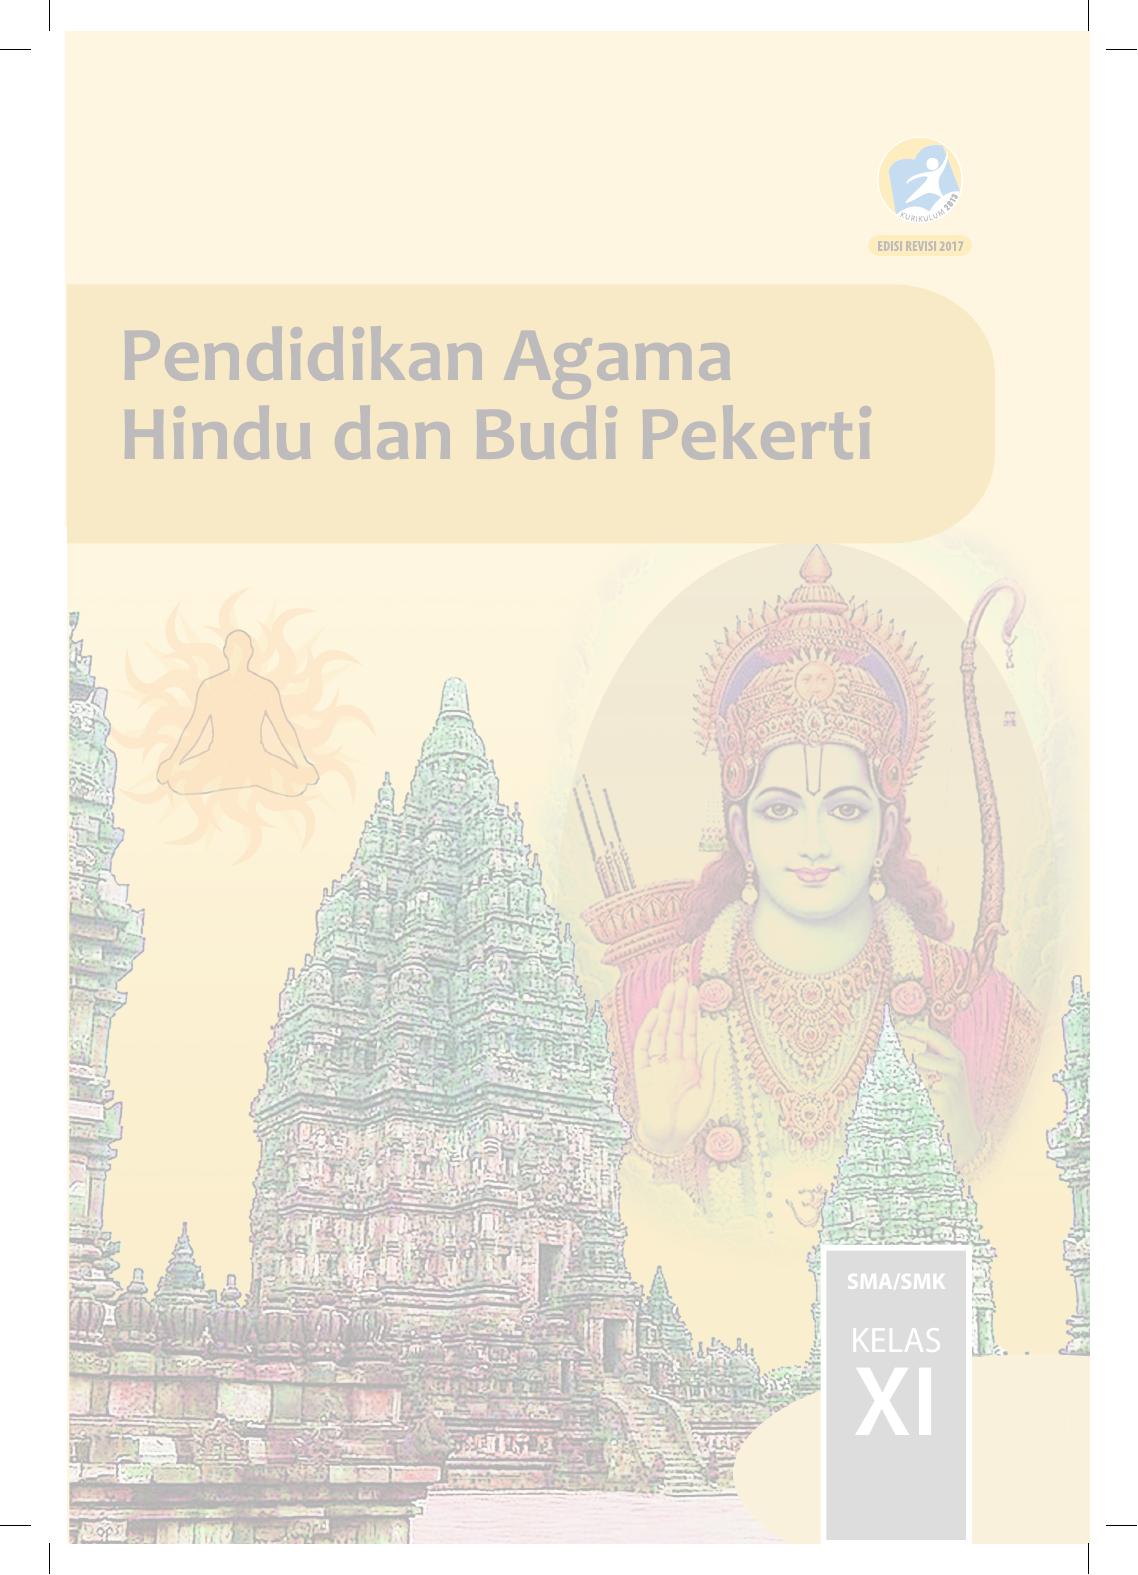 Tugas Proposal Bahasa Indonesia Kelas 11 Halaman 153 Com